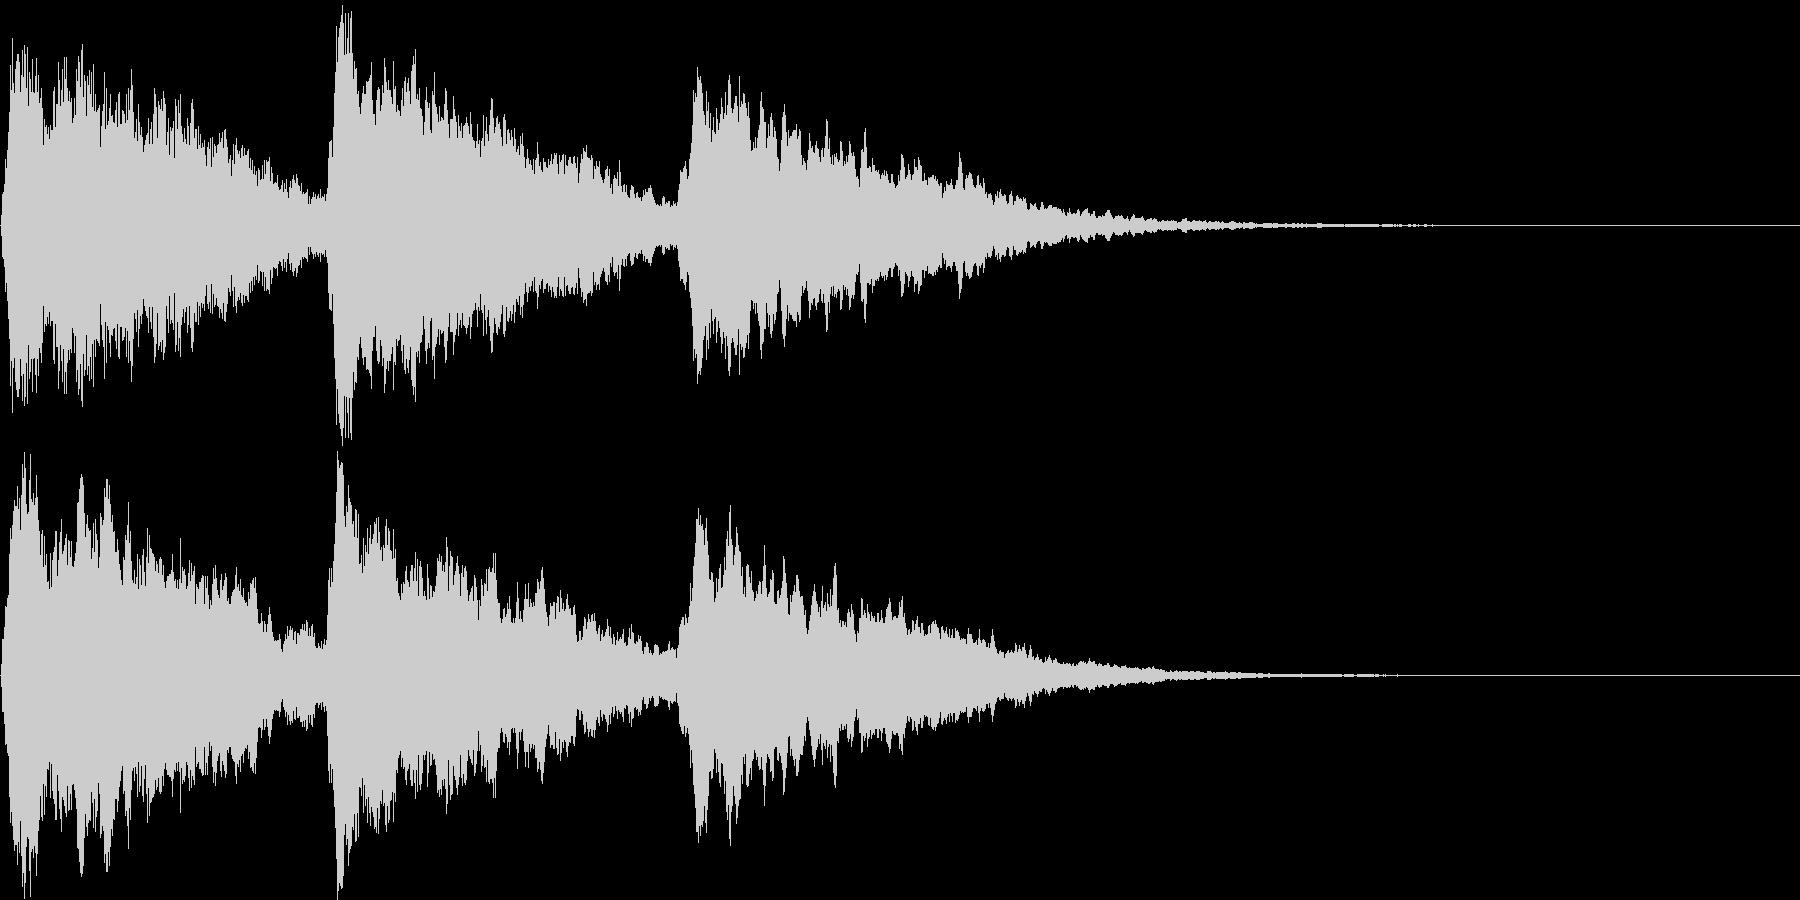 場面転換のキラキラチャイム Bの未再生の波形